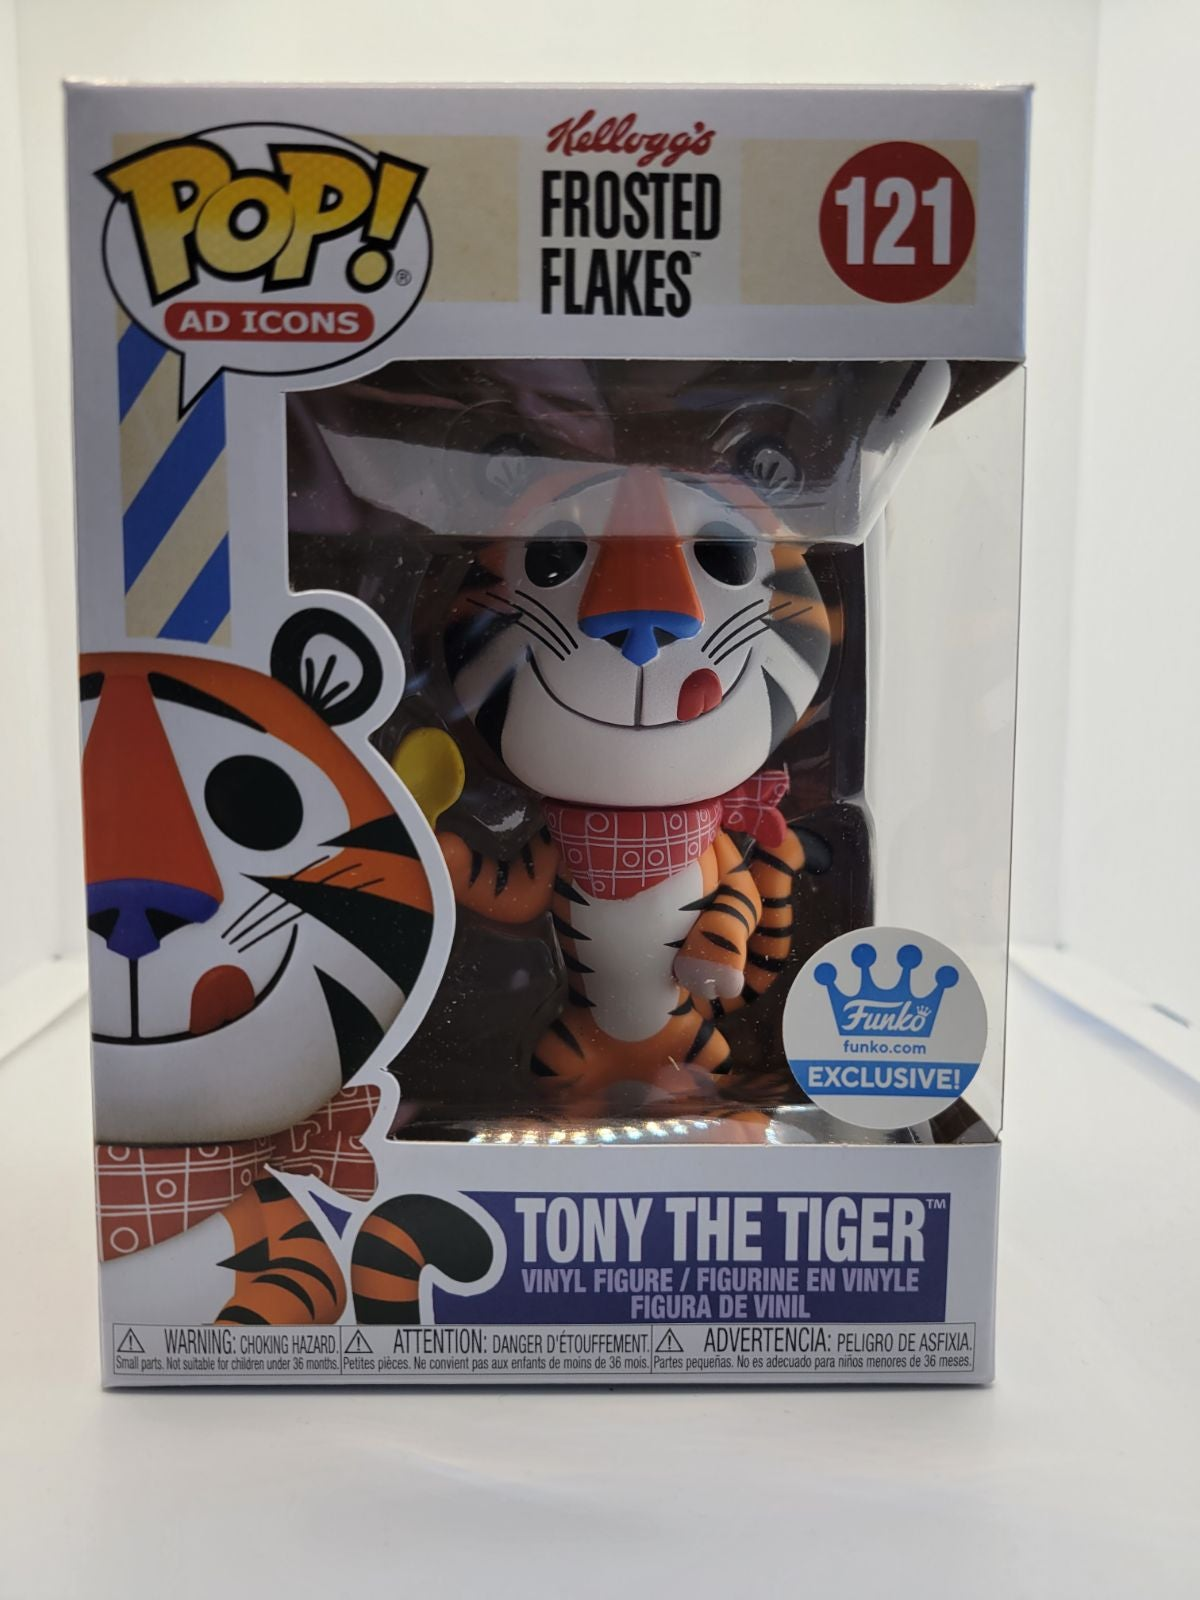 Vintage Tony the Tiger Funko shop exclus